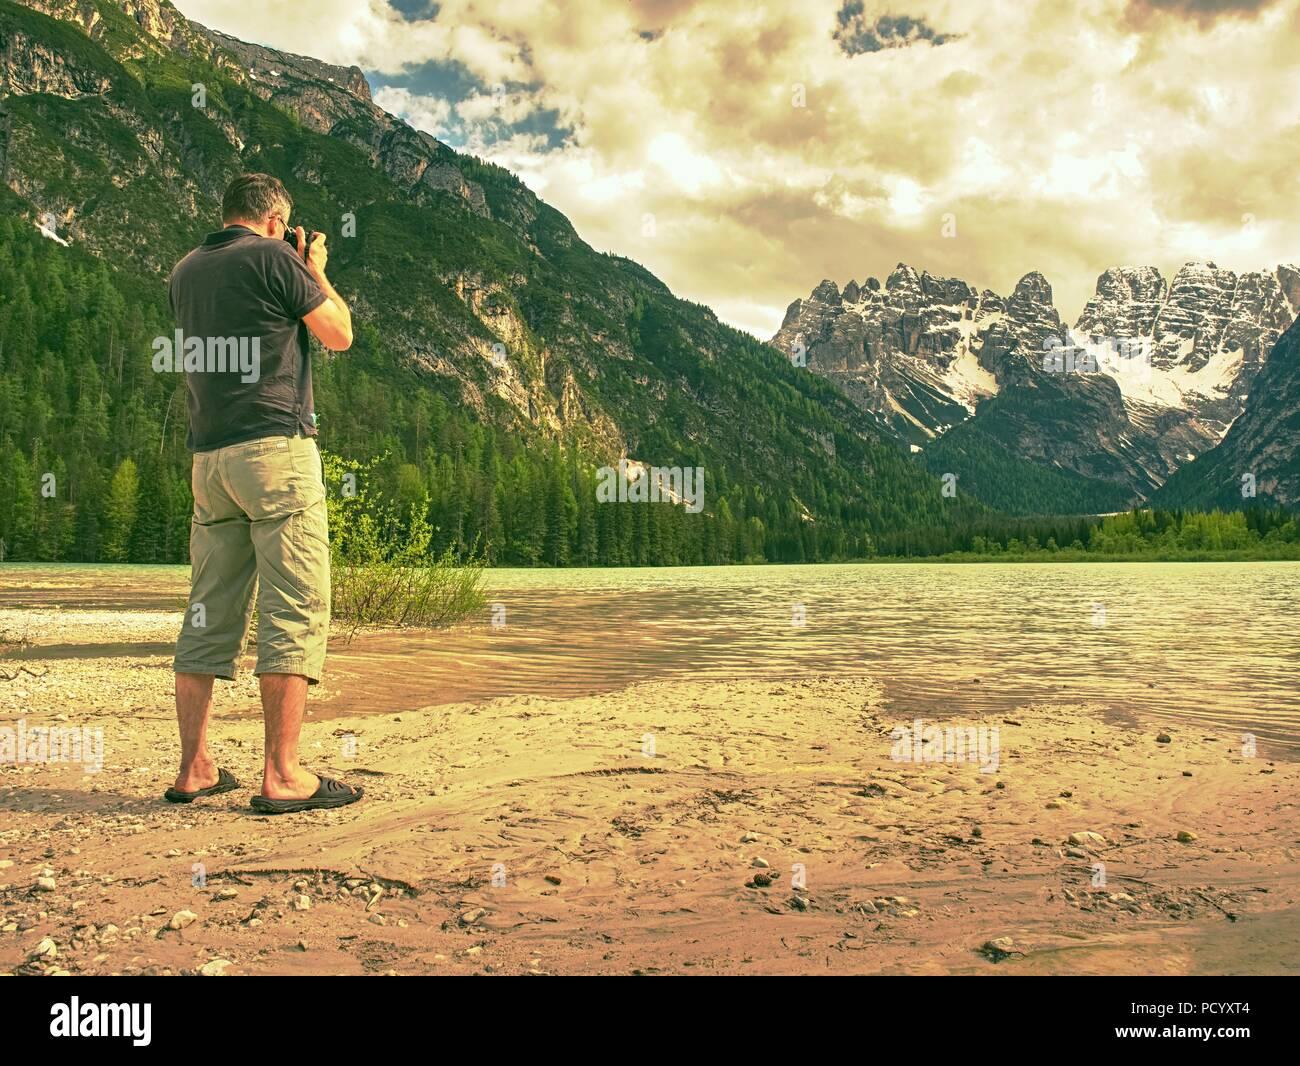 Photographe avec oeil au viseur est taking photo du lac avec des montagnes des Alpes en arrière-plan. Les œuvres d'artistes. Photo Stock